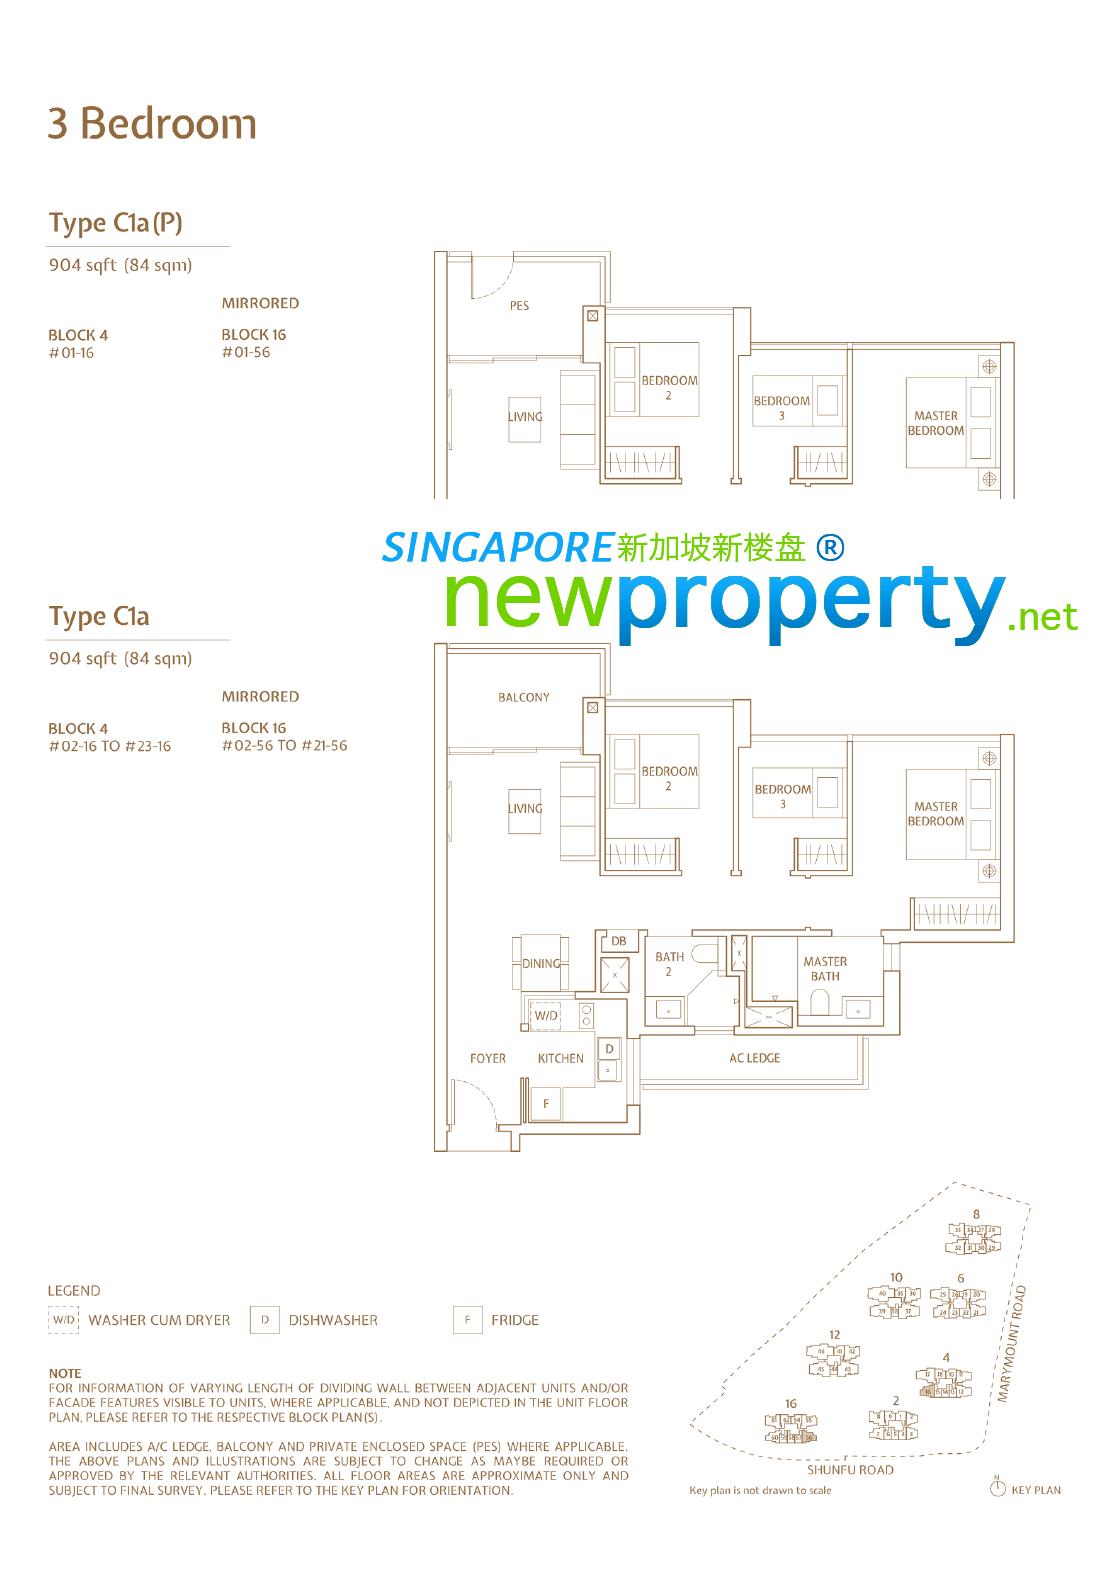 Jadescape - 3 Bedroom Floor Plan